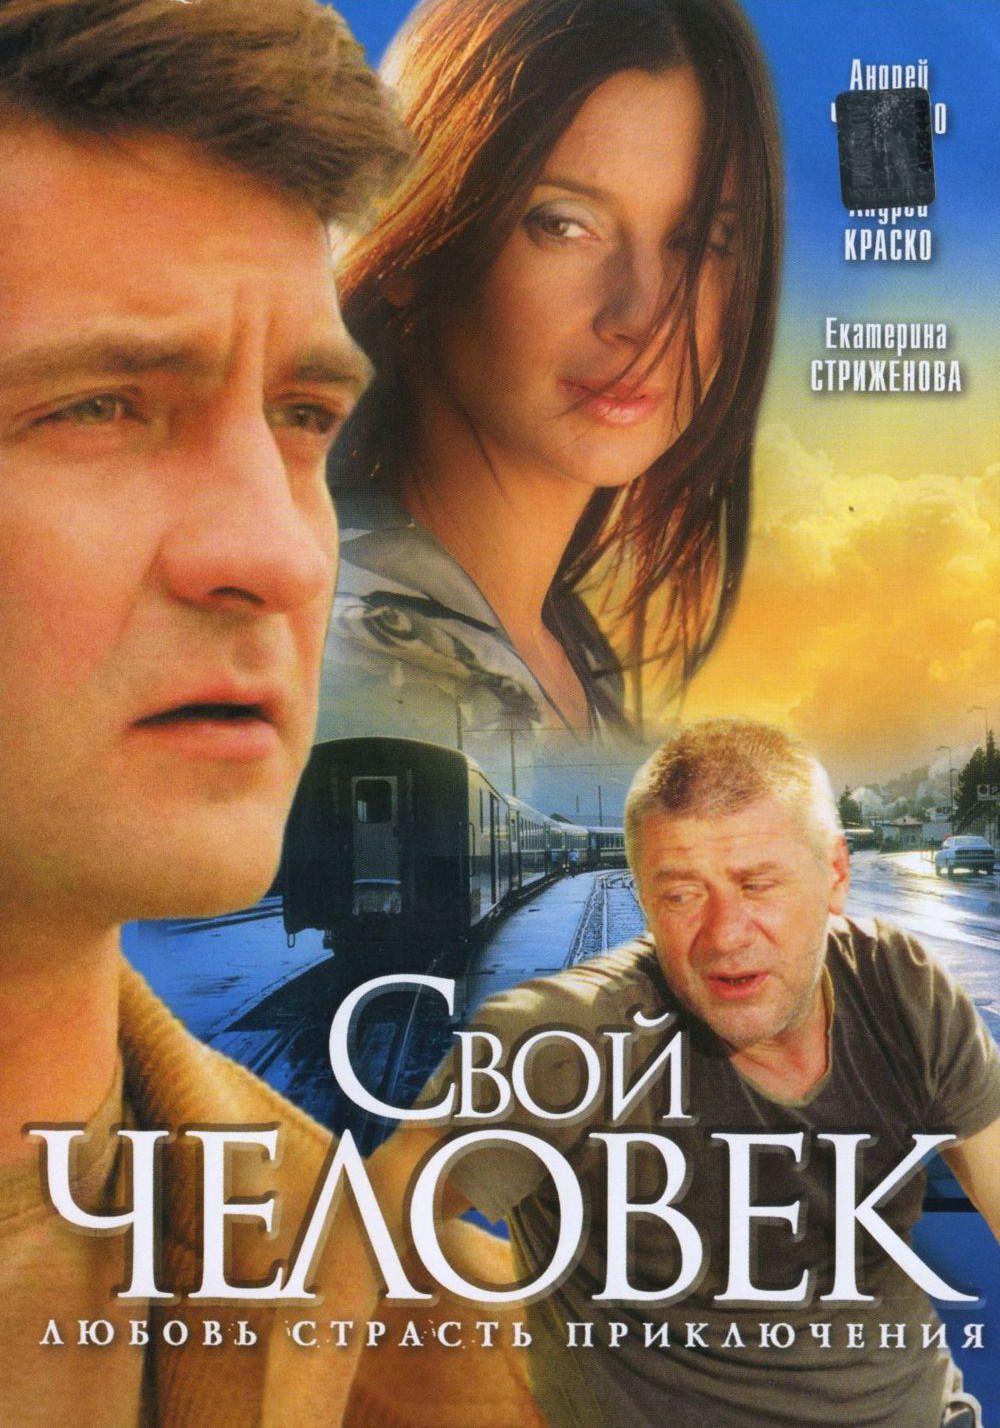 Свой человек / 1-10 серии из 10 [2005] DVDRip